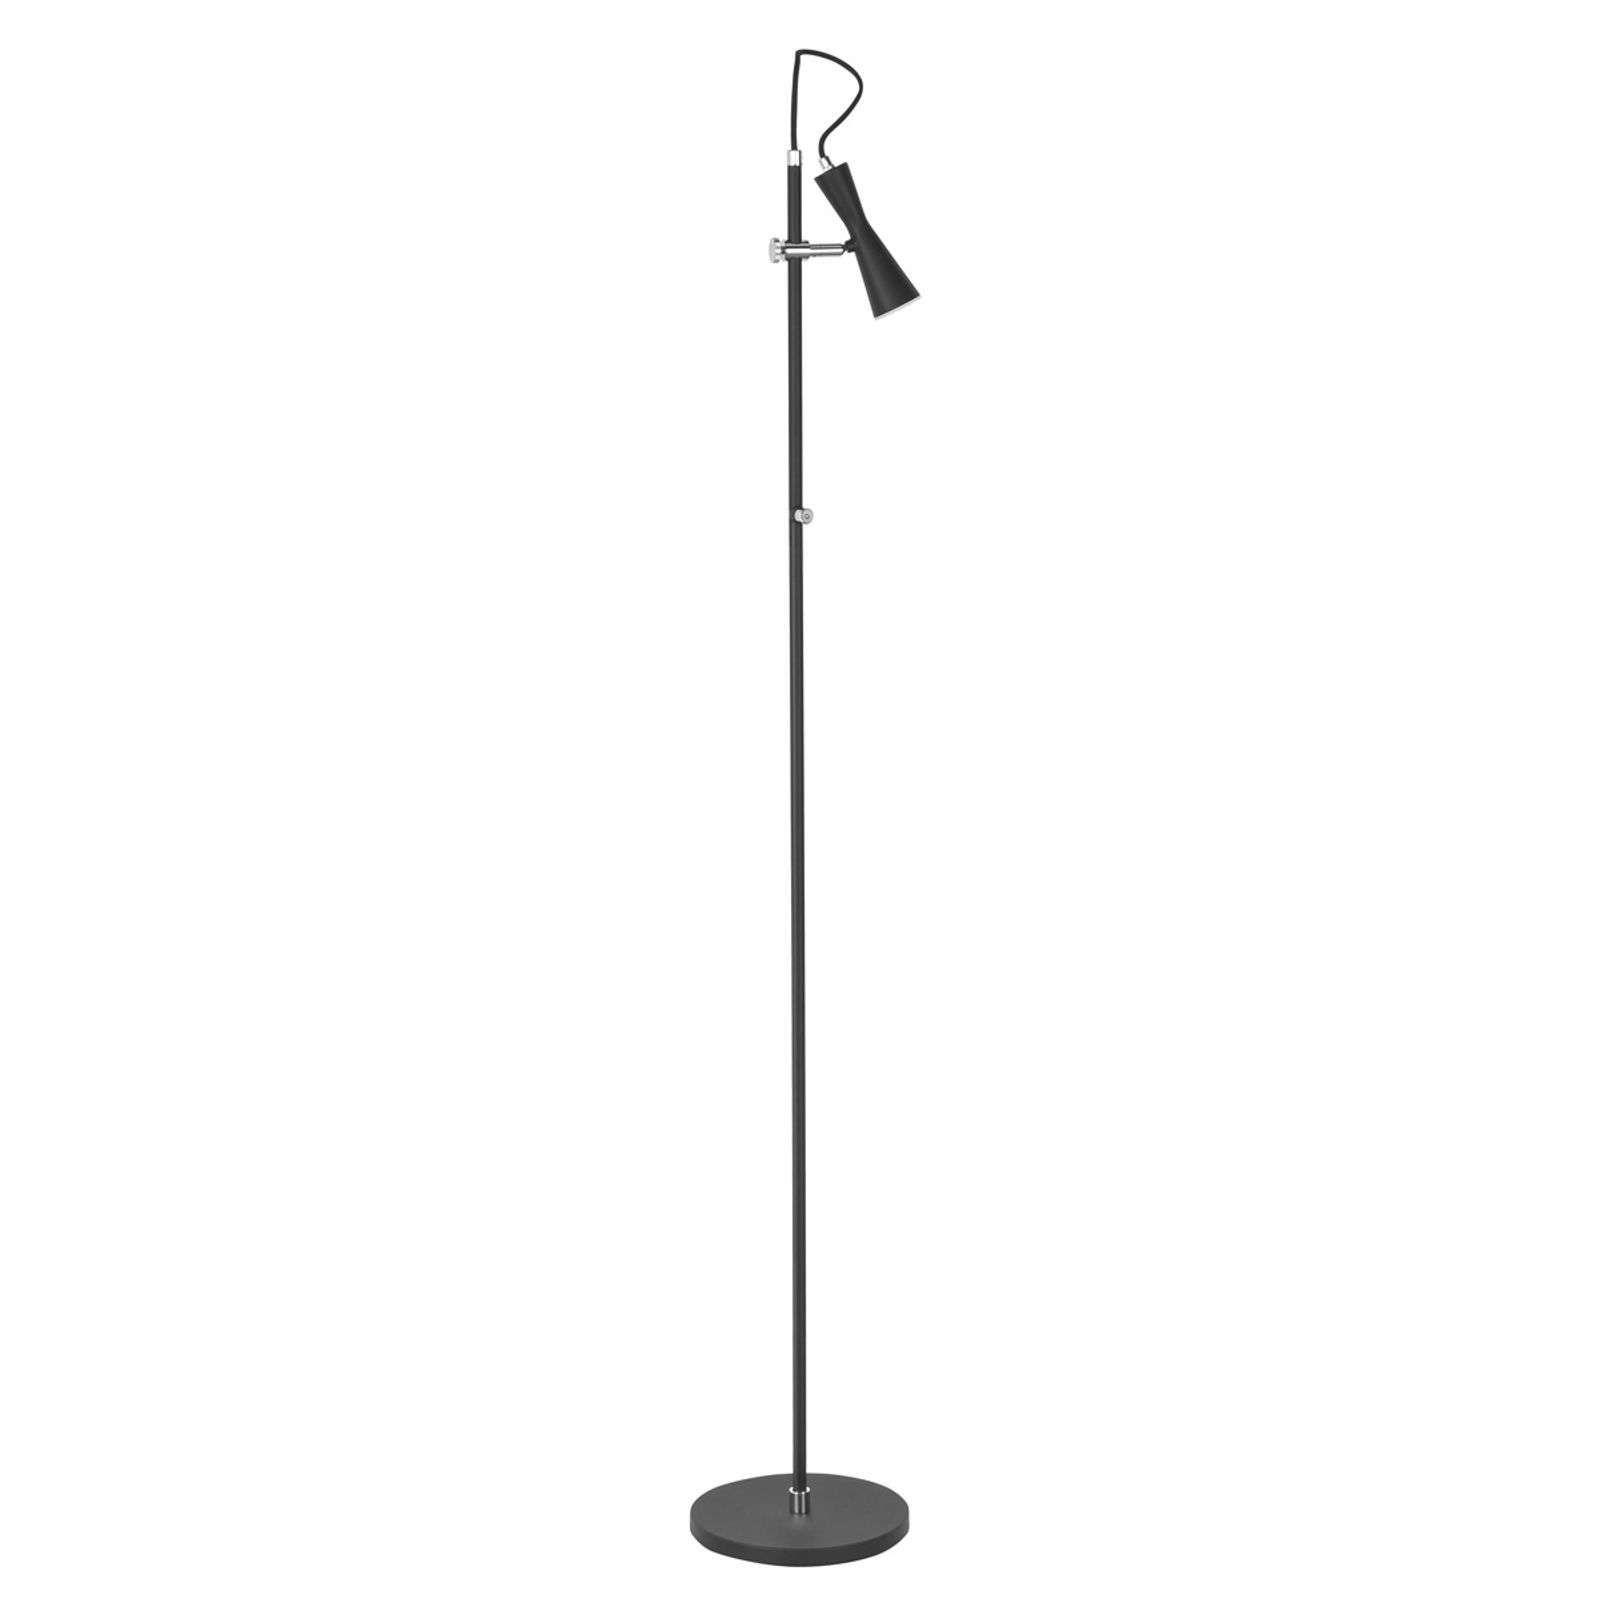 Kopen Booglamp Staande Moderne Lamp Staande Lamp Touw Staande Lamp Design Tweedehands Chicago Staande Lamp In 2020 Vloerlamp Plafondverlichting Moderne Lampen